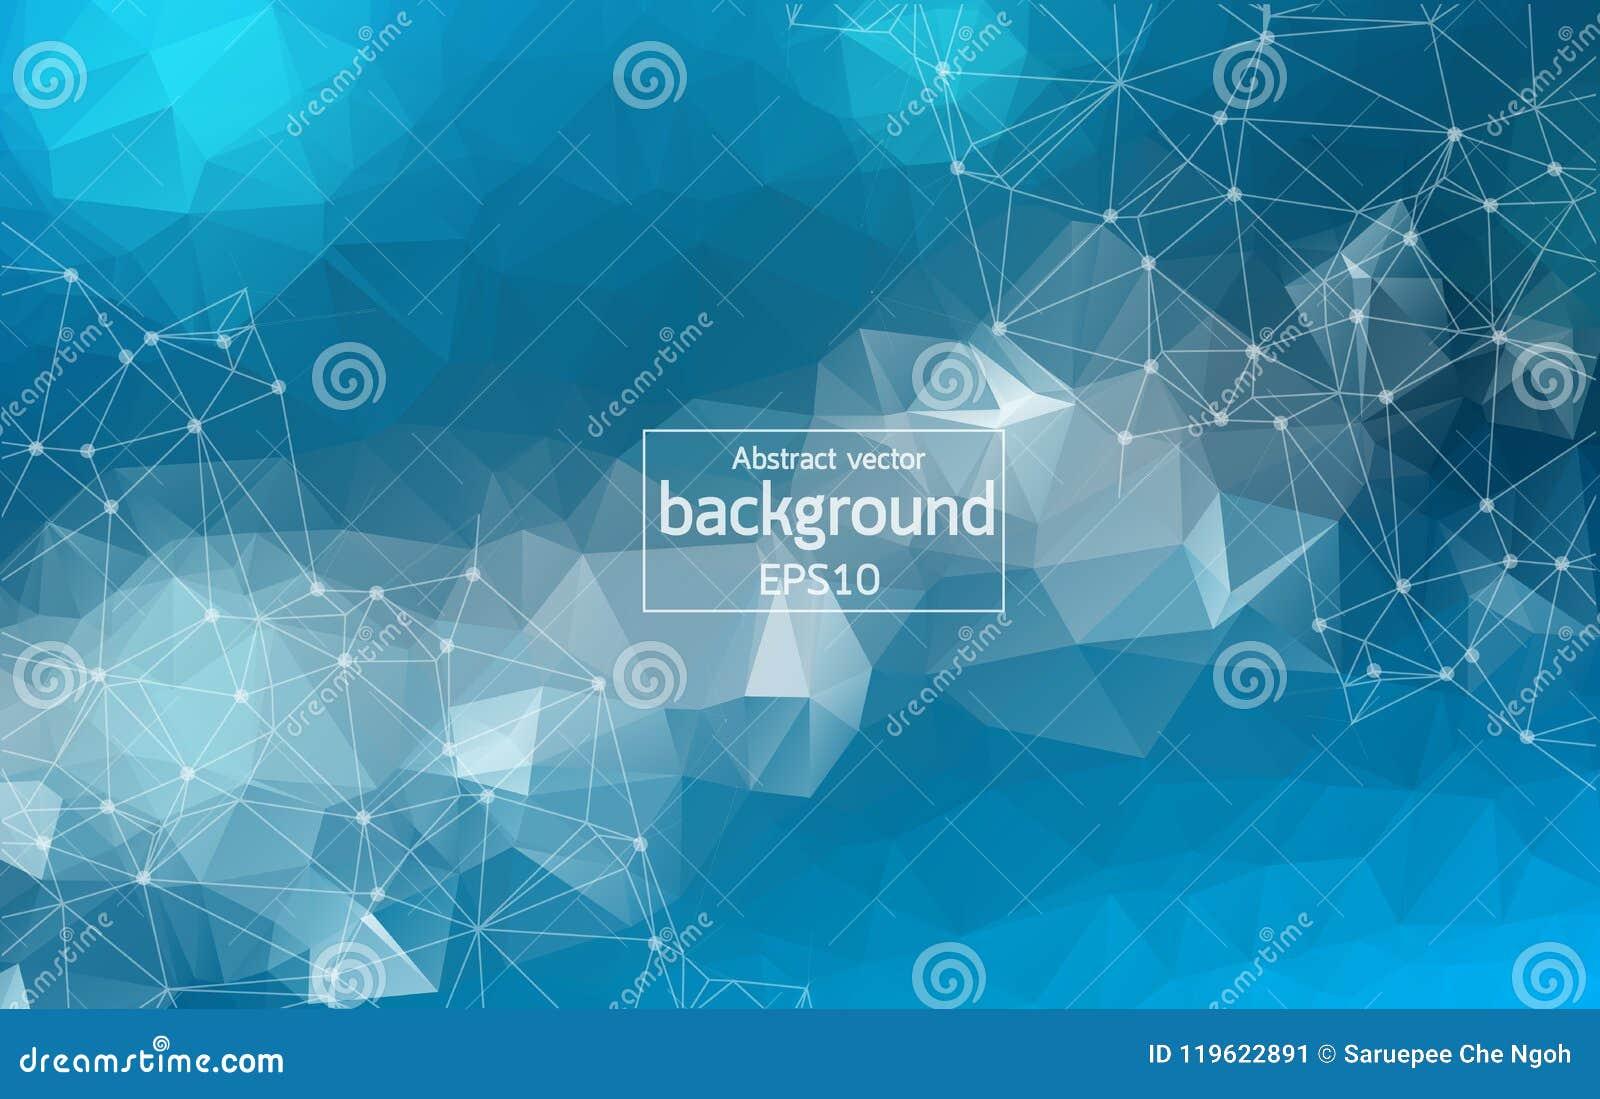 几何蓝色多角形背景分子和通信 与小点的被连接的线 简单派背景 s的概念